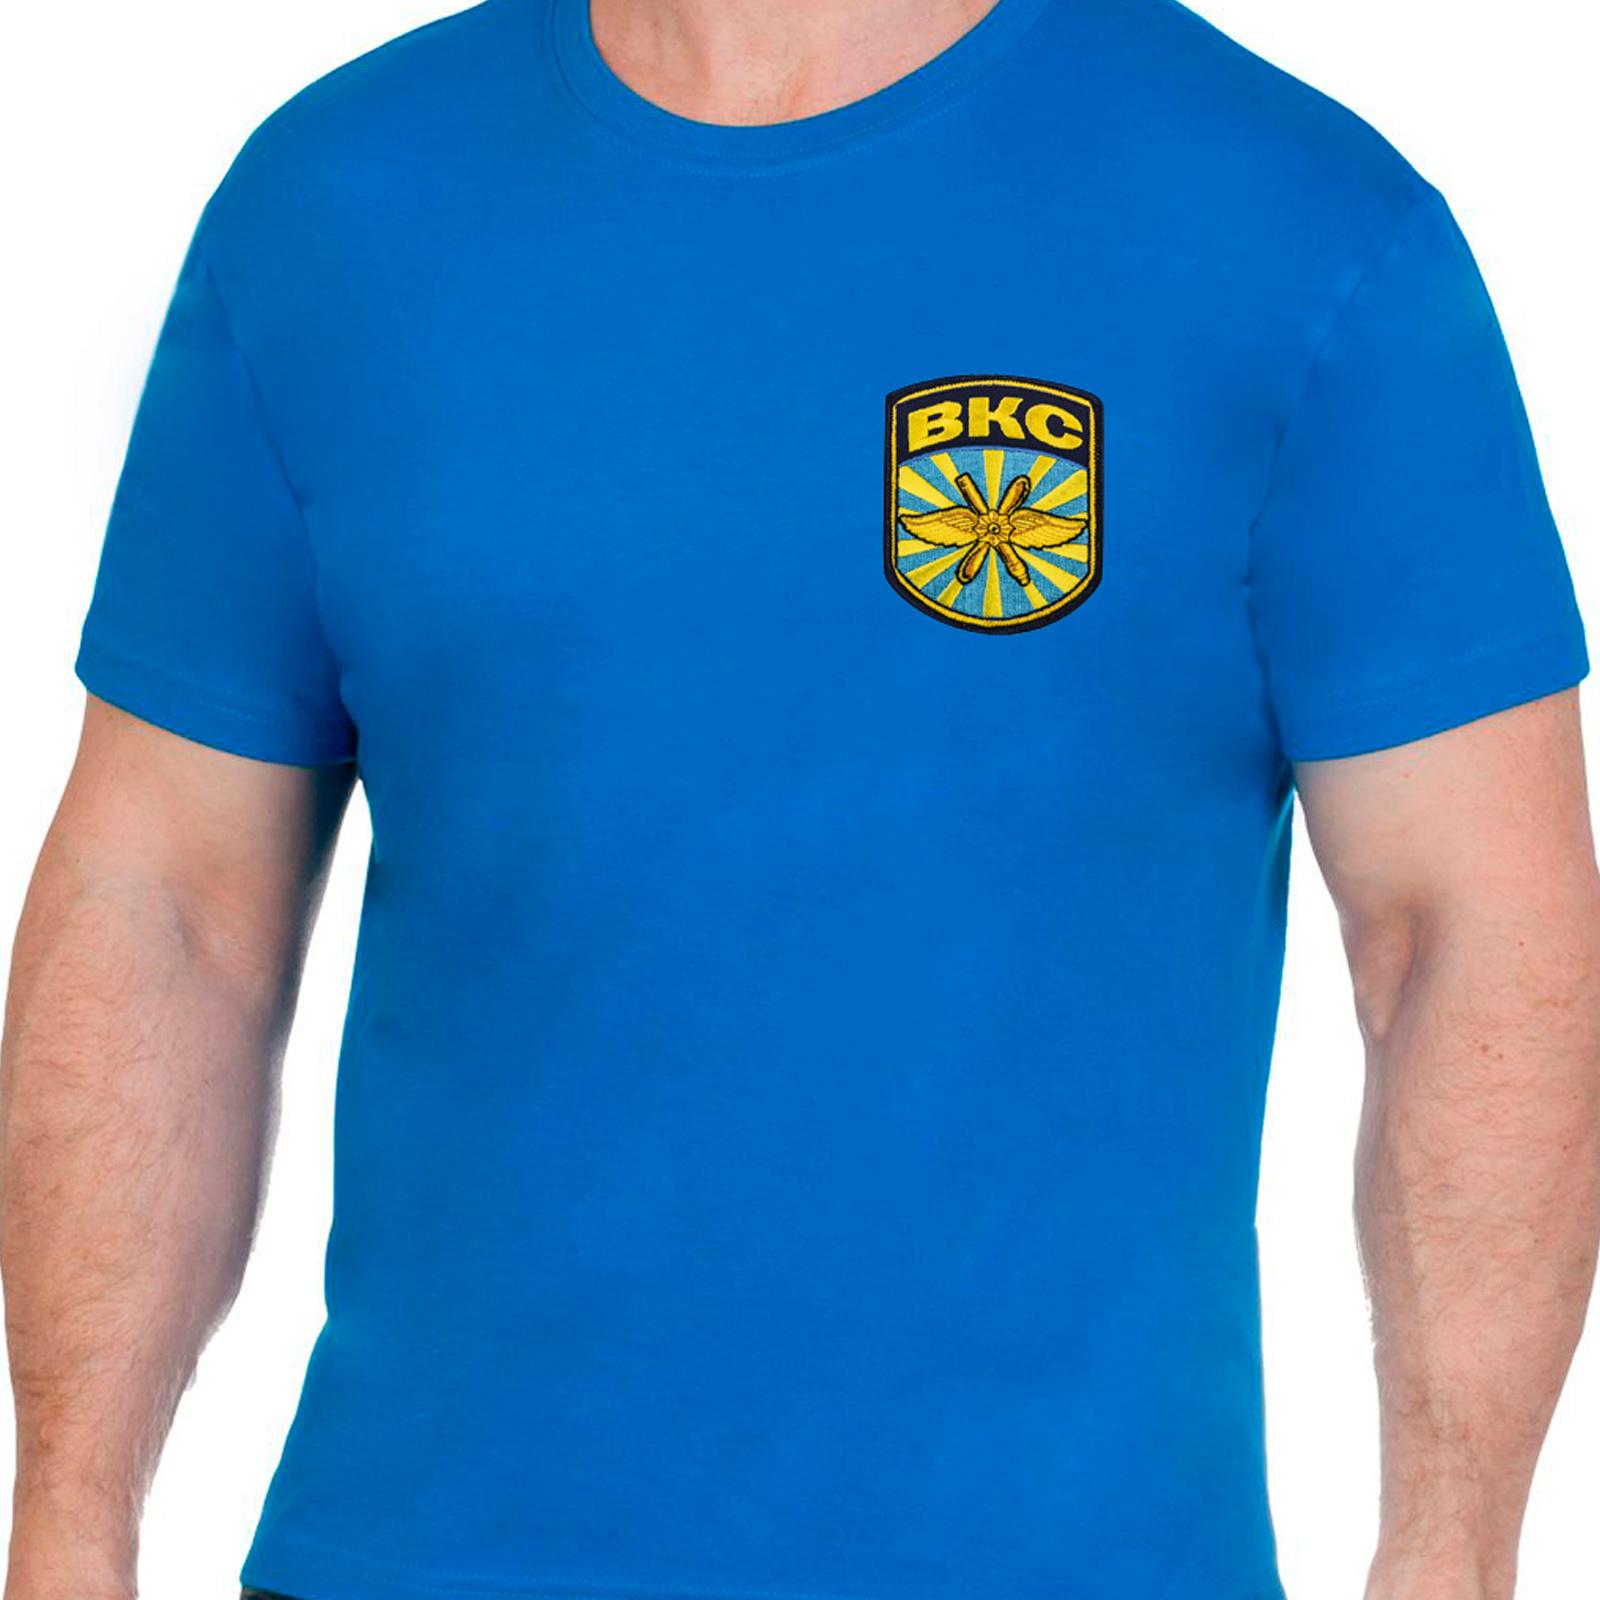 Синяя надежная футболка ВКС